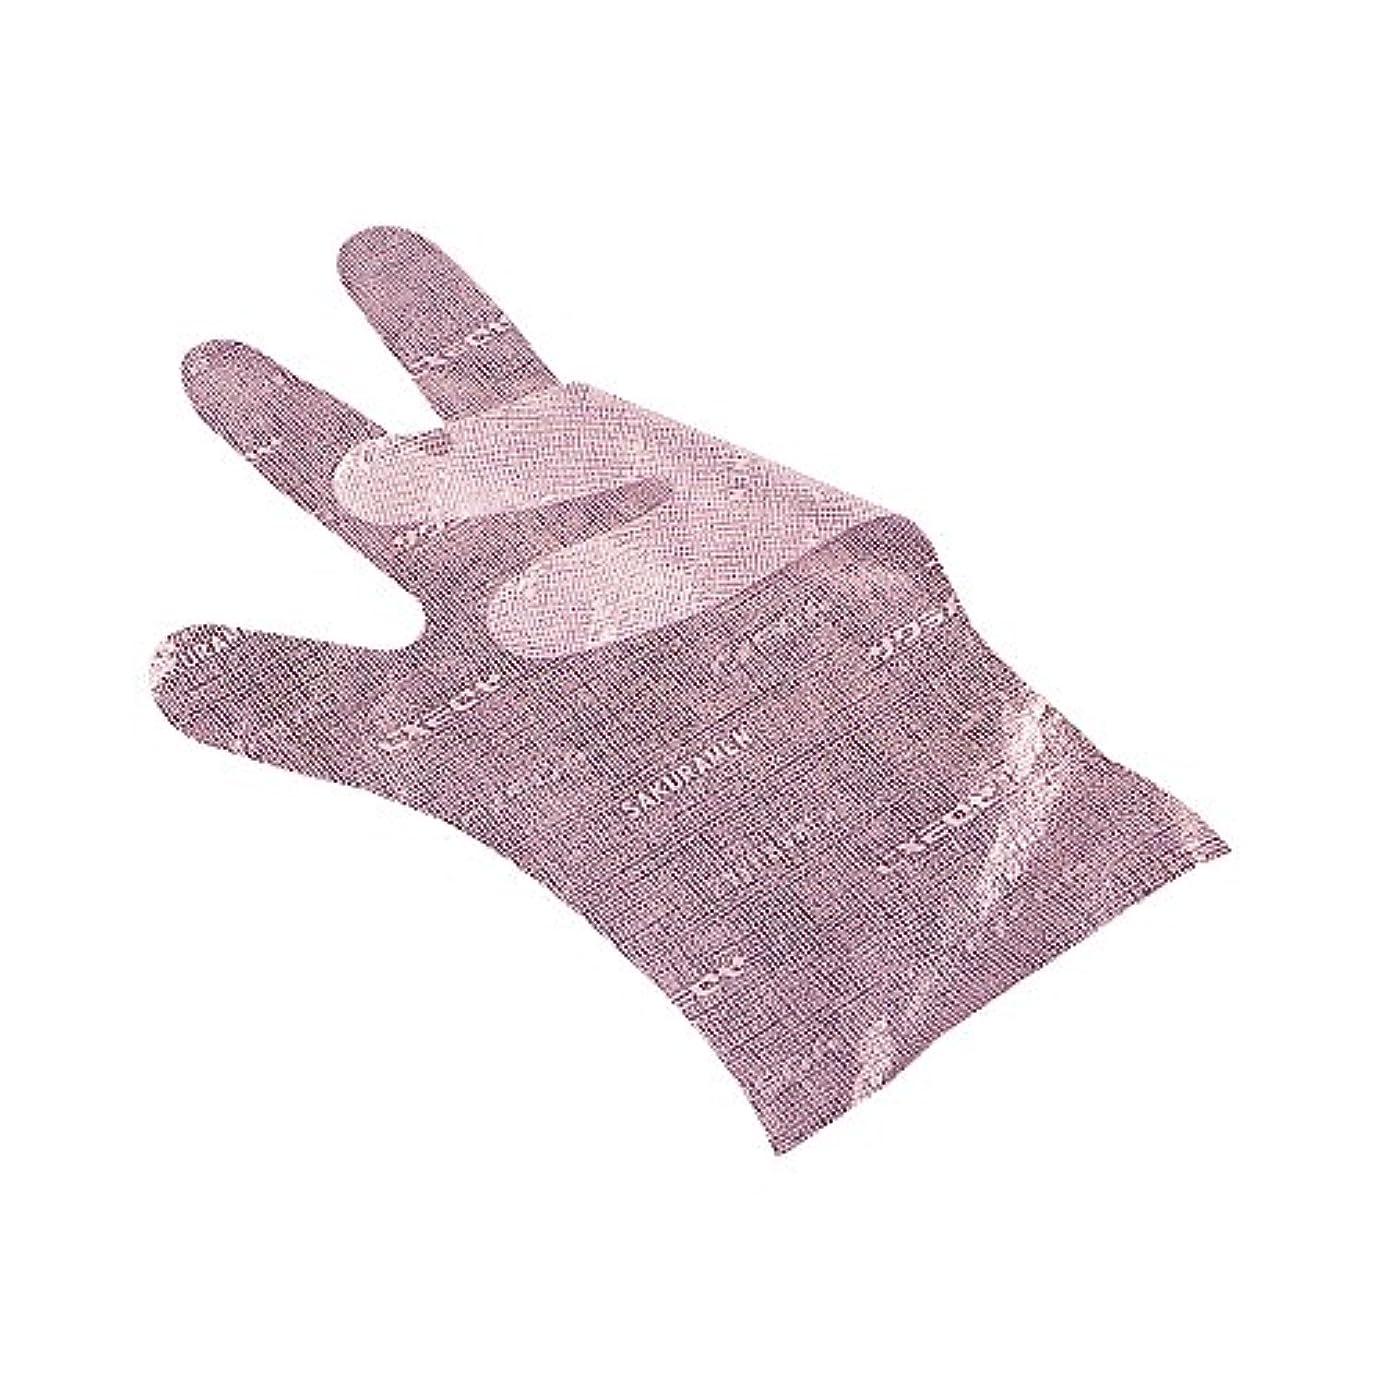 小人サーキットに行くどうやらサクラメンエンボス手袋 デラックス ピンク S 100枚入